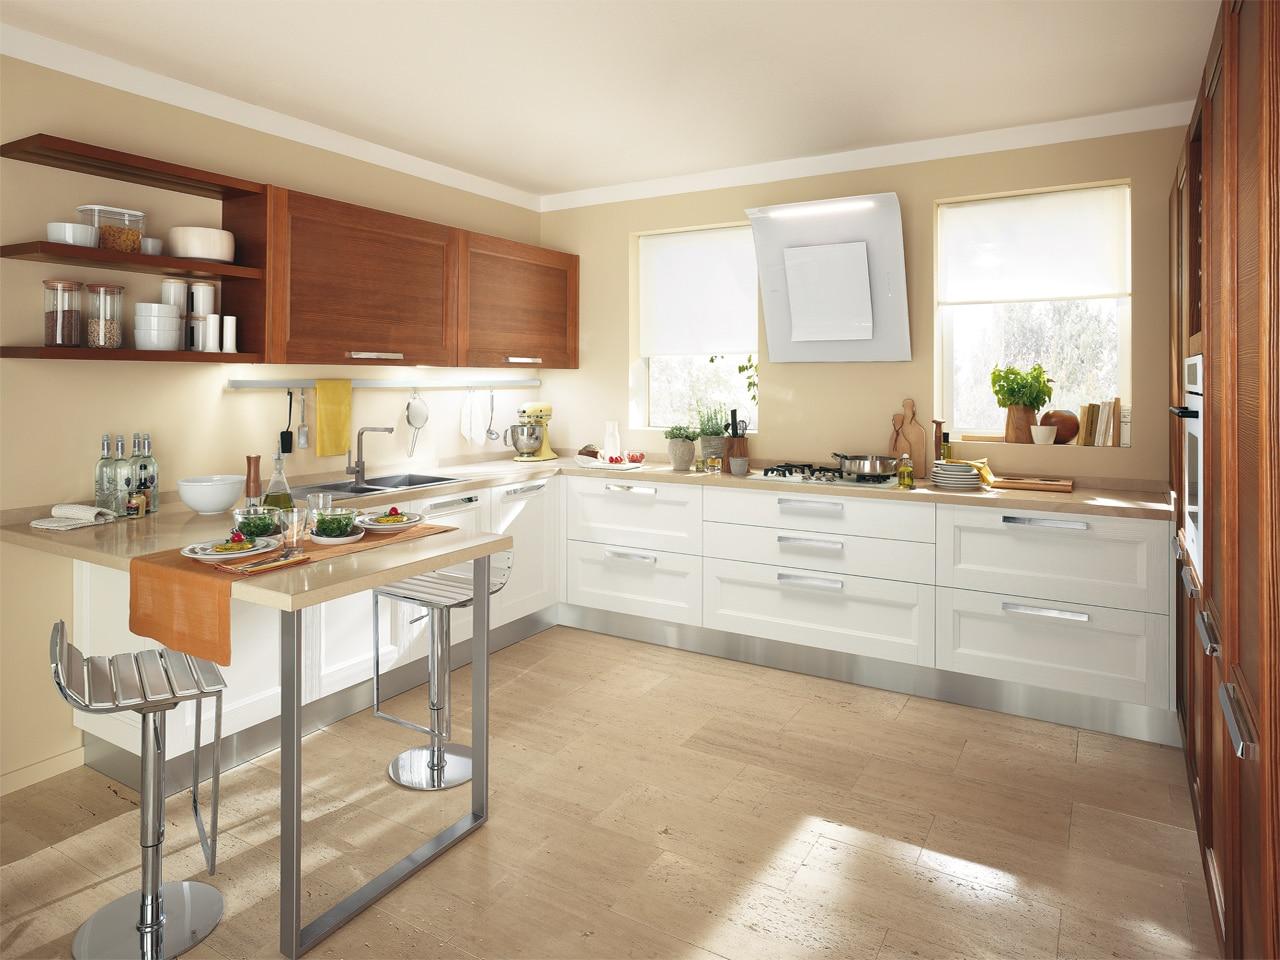 Cucine componibili prezzi latest cucine componibili - Offerte cucine componibili ikea ...